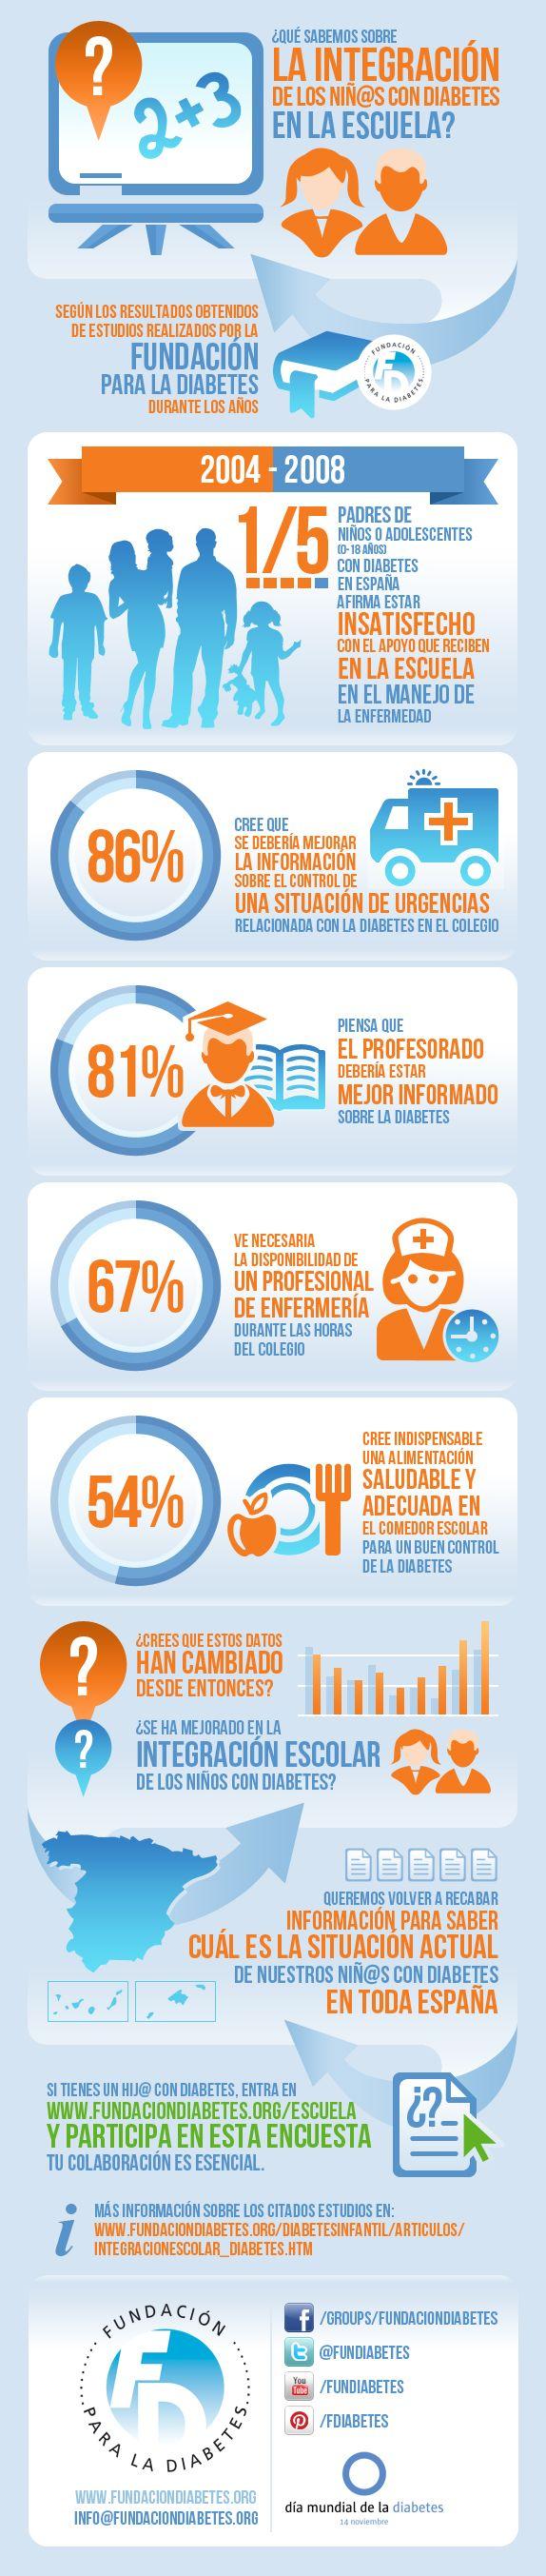 Infografía sobre la integración de los niños con diabetes